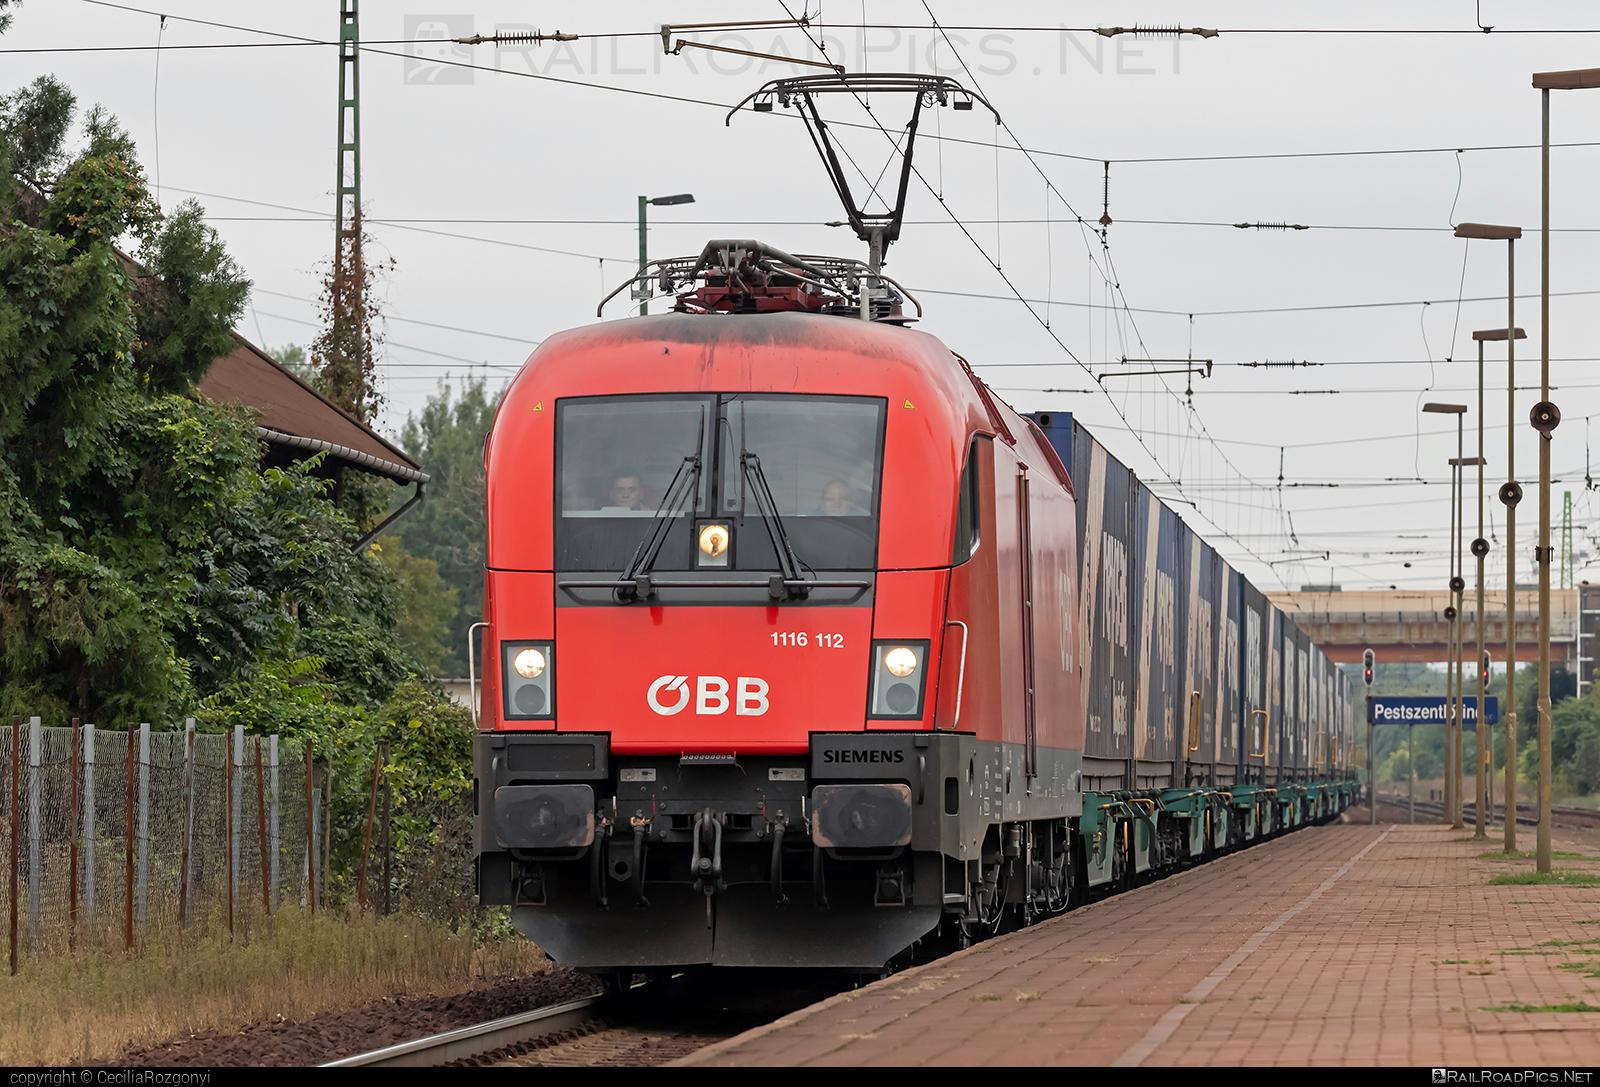 Siemens ES 64 U2 - 1116 112 operated by Rail Cargo Hungaria ZRt. #es64 #es64u #es64u2 #eurosprinter #flatwagon #obb #osterreichischebundesbahnen #rch #siemens #siemenses64 #siemenses64u #siemenses64u2 #siemenstaurus #taurus #tauruslocomotive